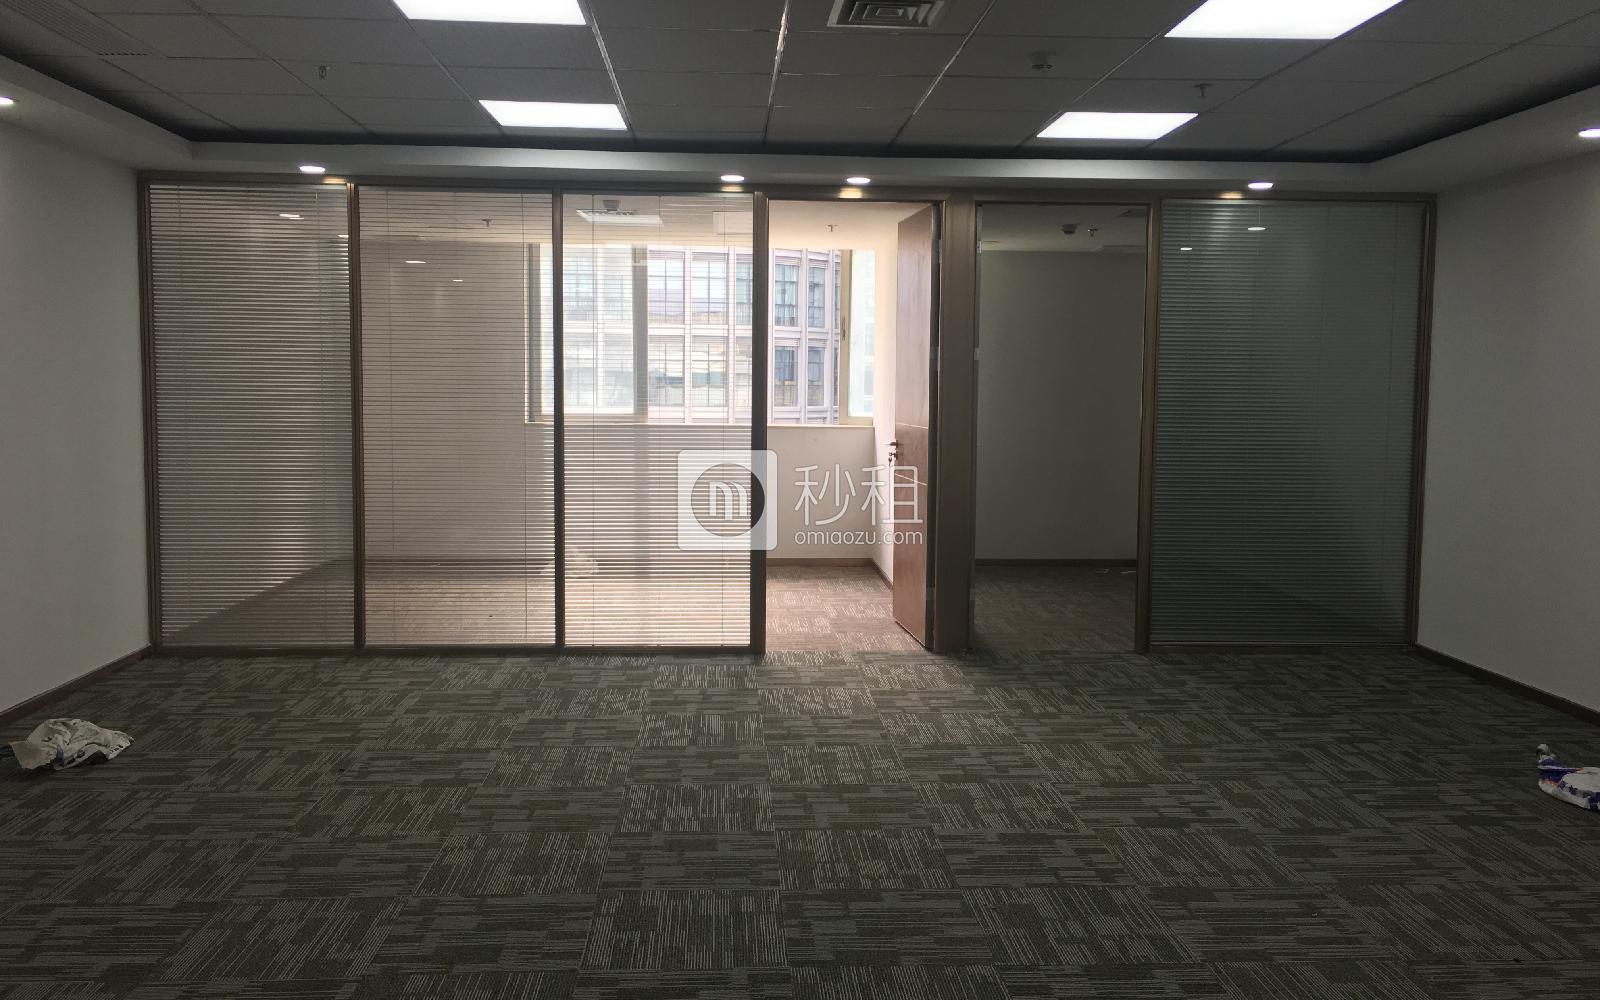 蛇口网谷-TCL科技大厦